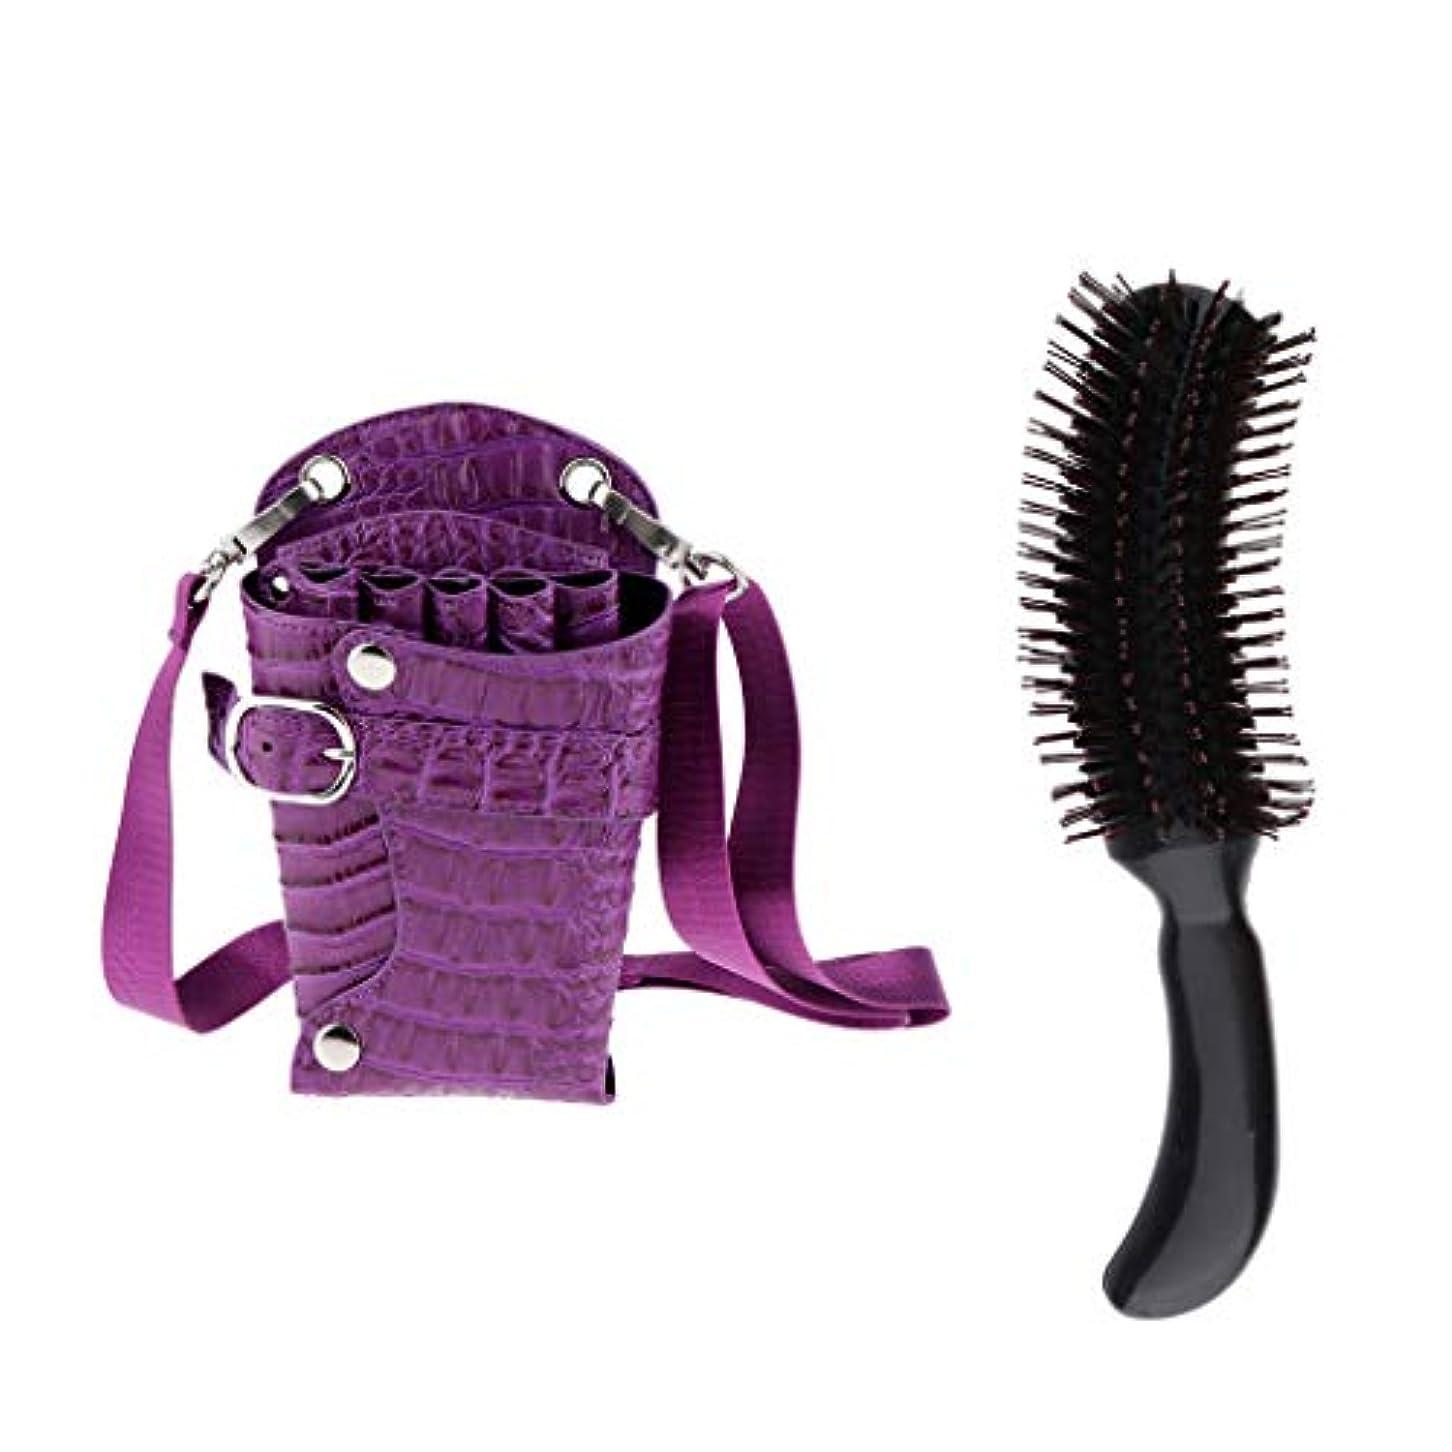 親密なミサイル持つDYNWAVE 理髪はさみツールホルダーケース&スタイリングデタングルヘアブラシS形状